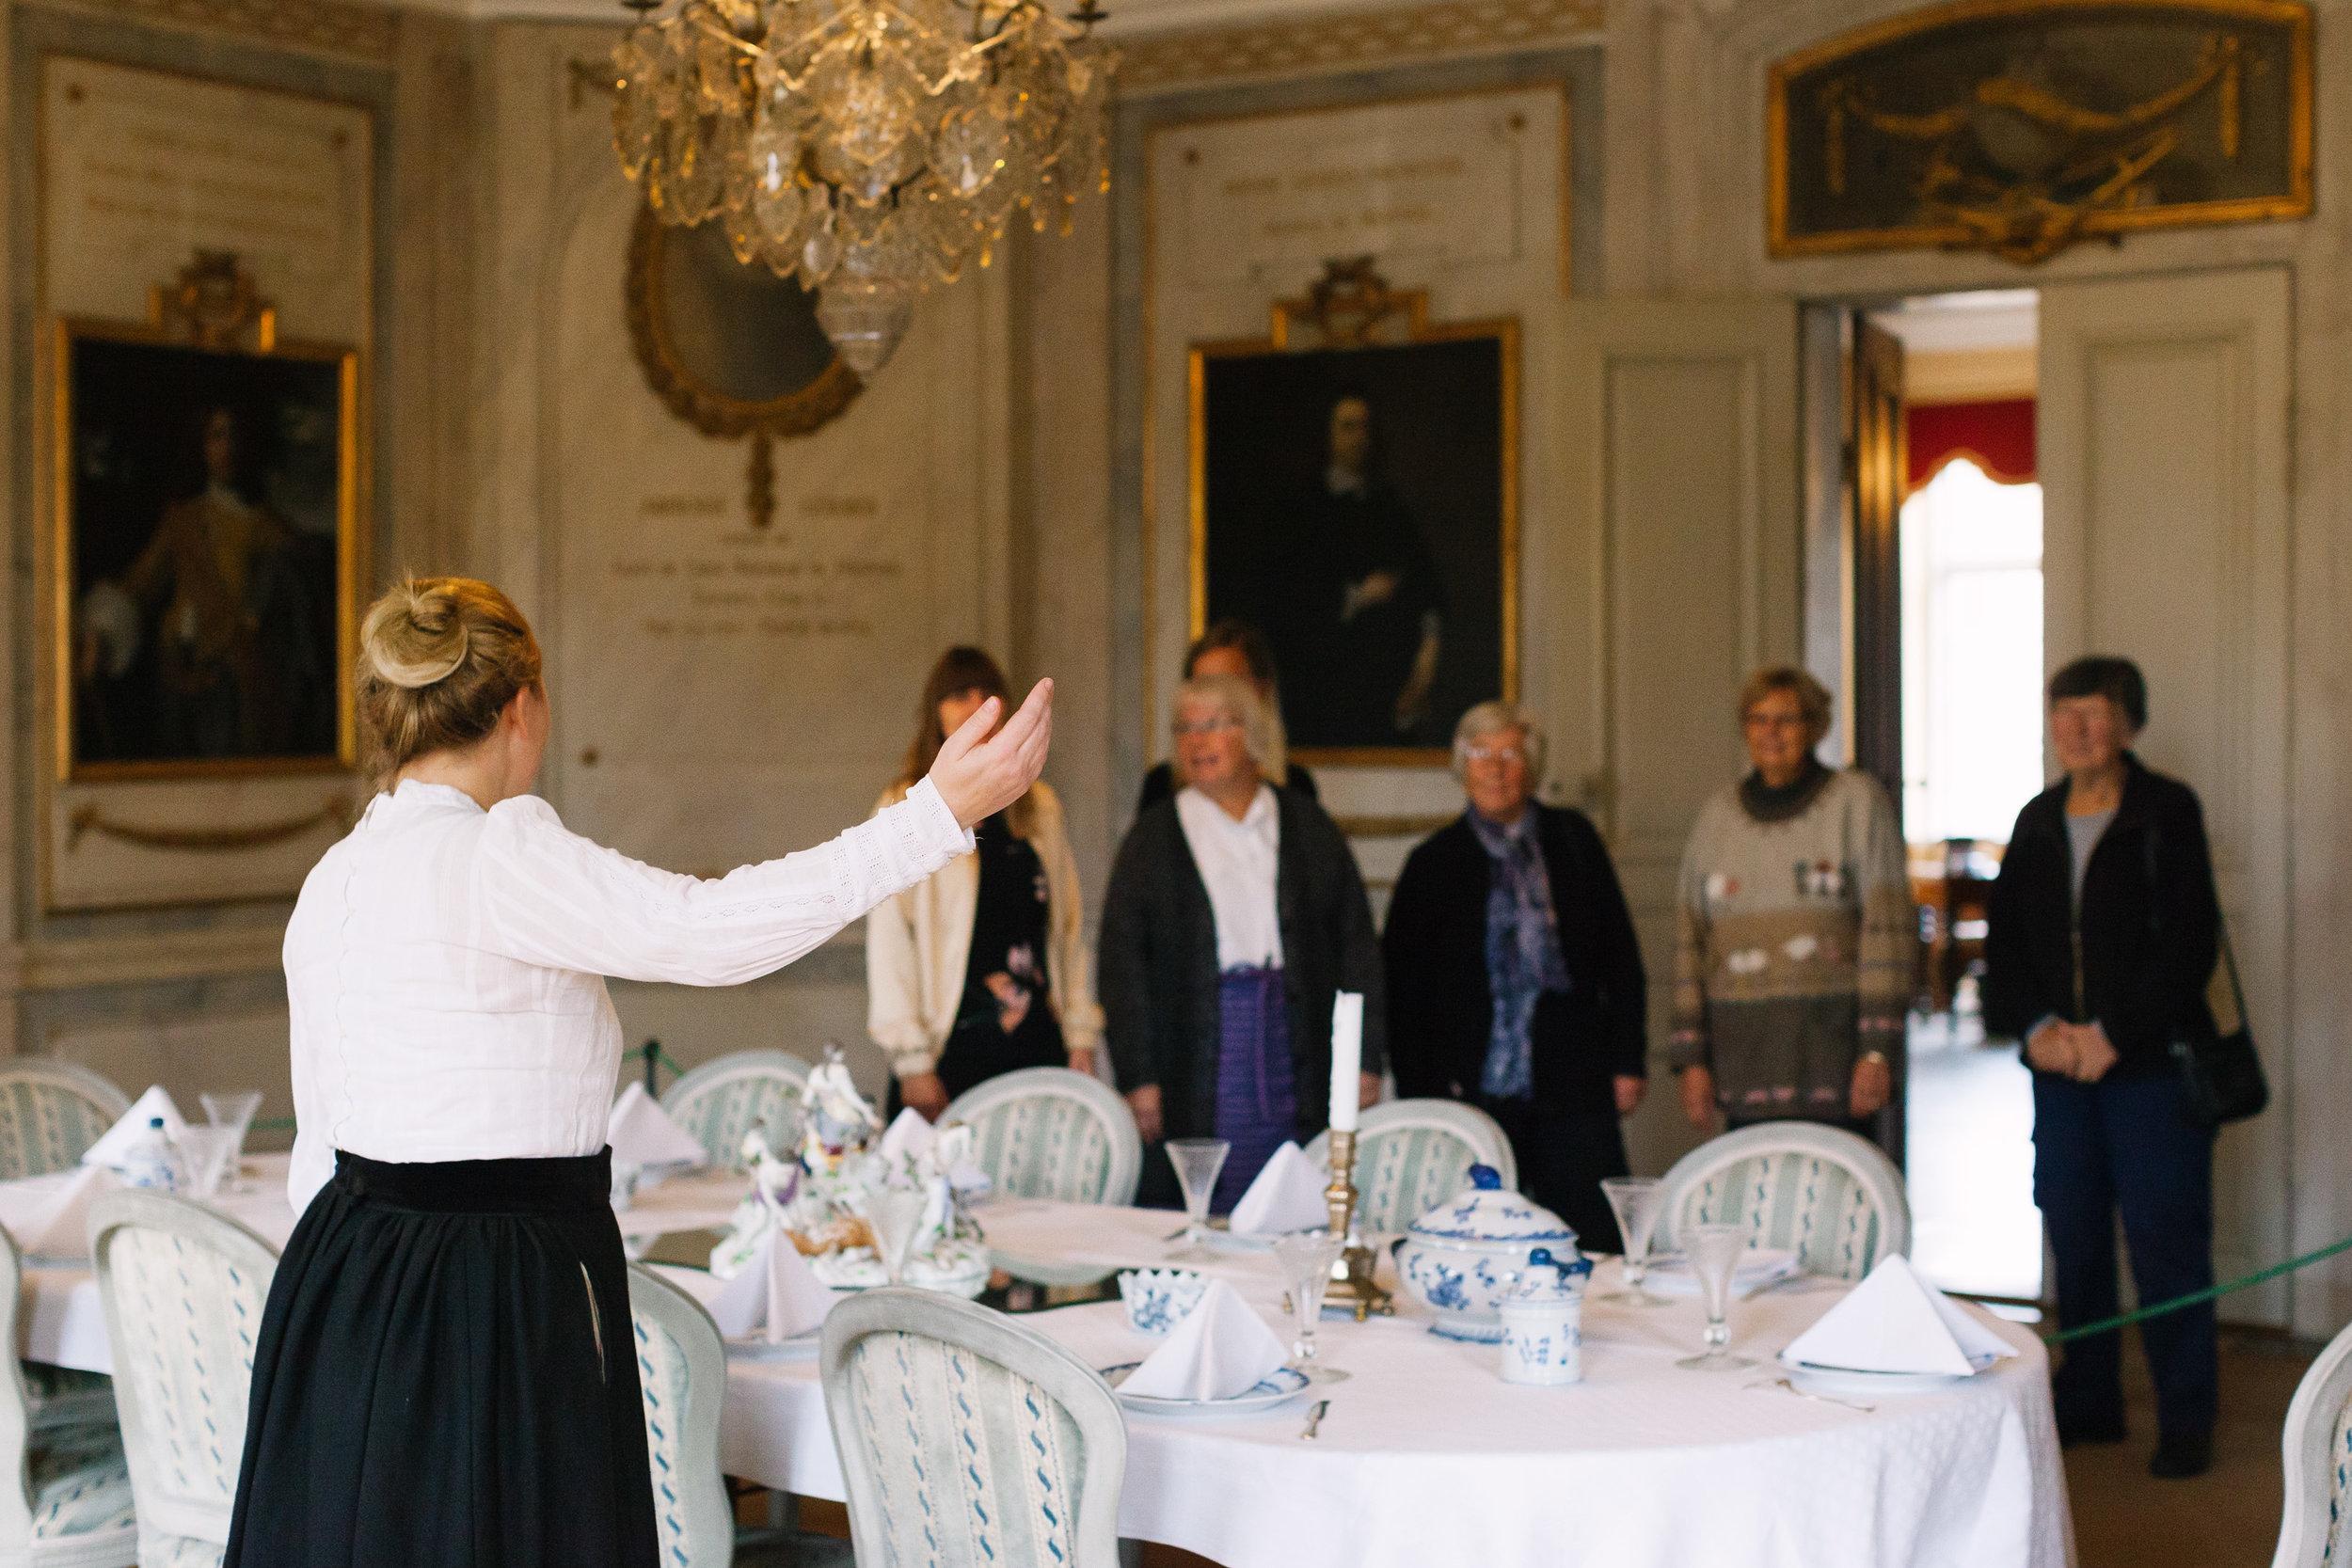 Visningar - Se det kopparfyllda köket och de vackra salongerna i herrgården och lär dig mer om familjen de Geers släkthistoria.